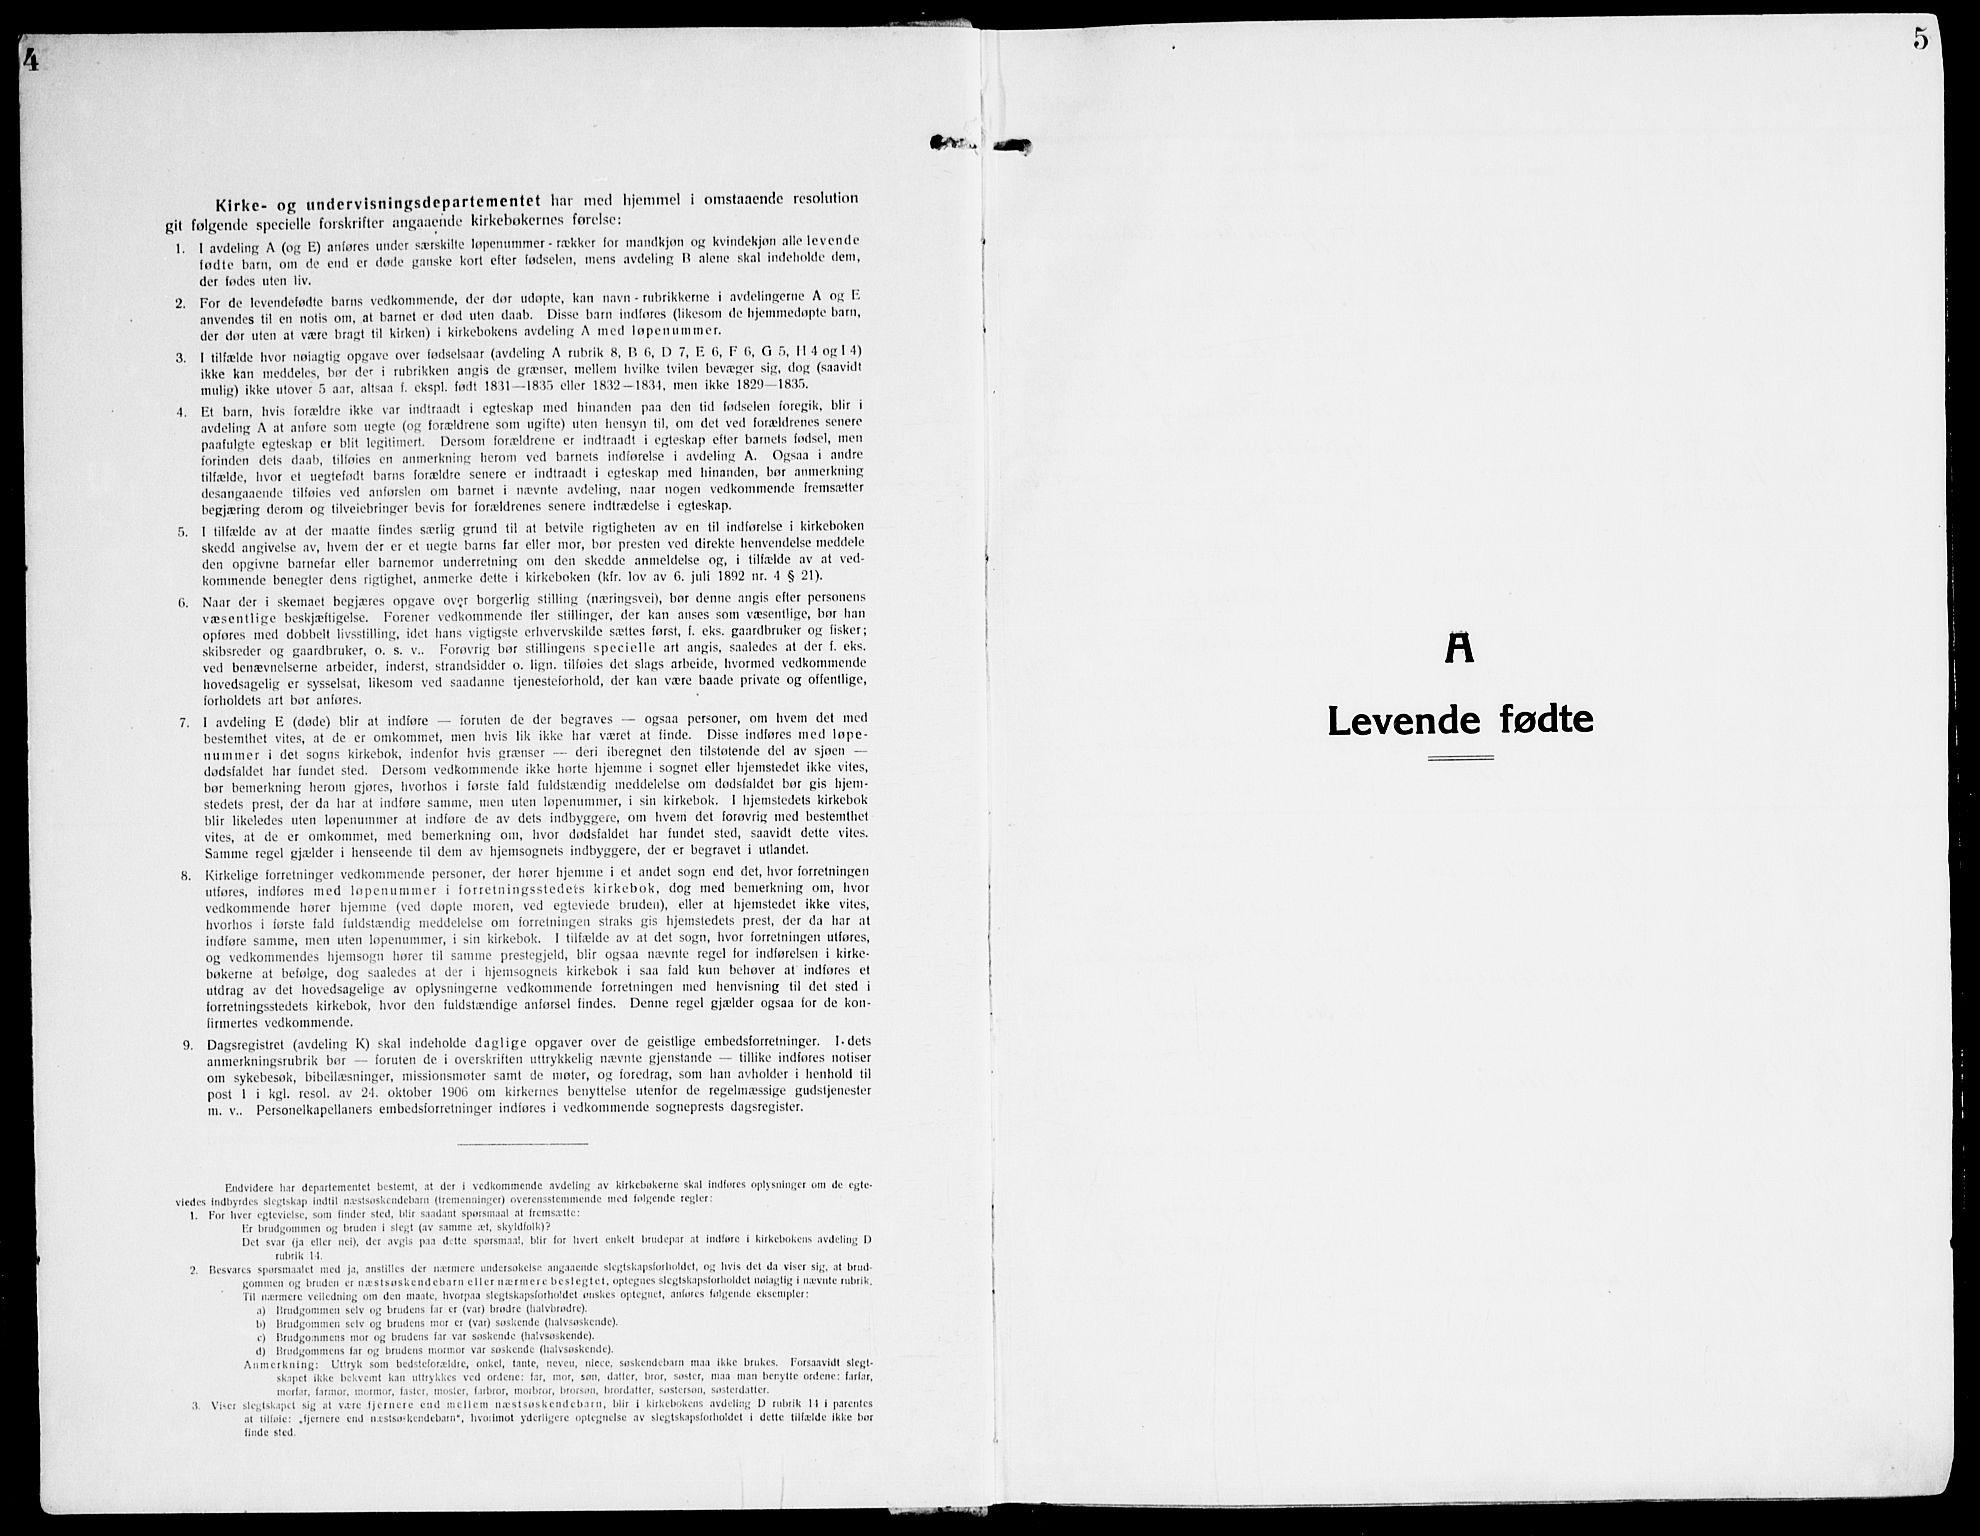 SAT, Ministerialprotokoller, klokkerbøker og fødselsregistre - Sør-Trøndelag, 607/L0321: Ministerialbok nr. 607A05, 1916-1935, s. 4-5